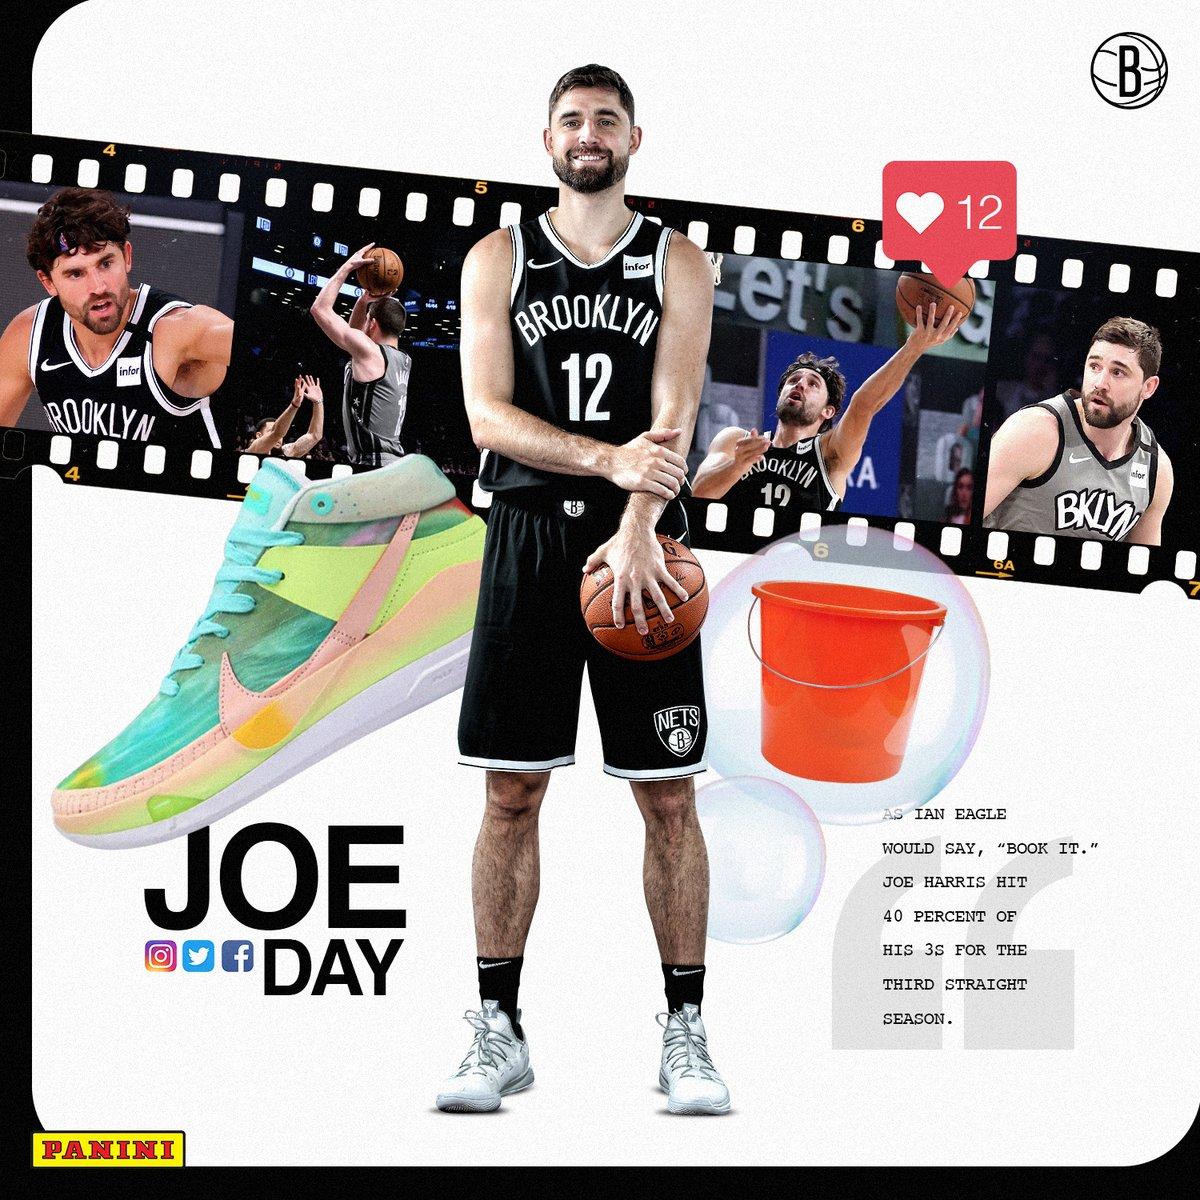 It's #JoeDay!   Highlighting the best of Joey Buckets 🔥 https://t.co/SzeKE5JgKD